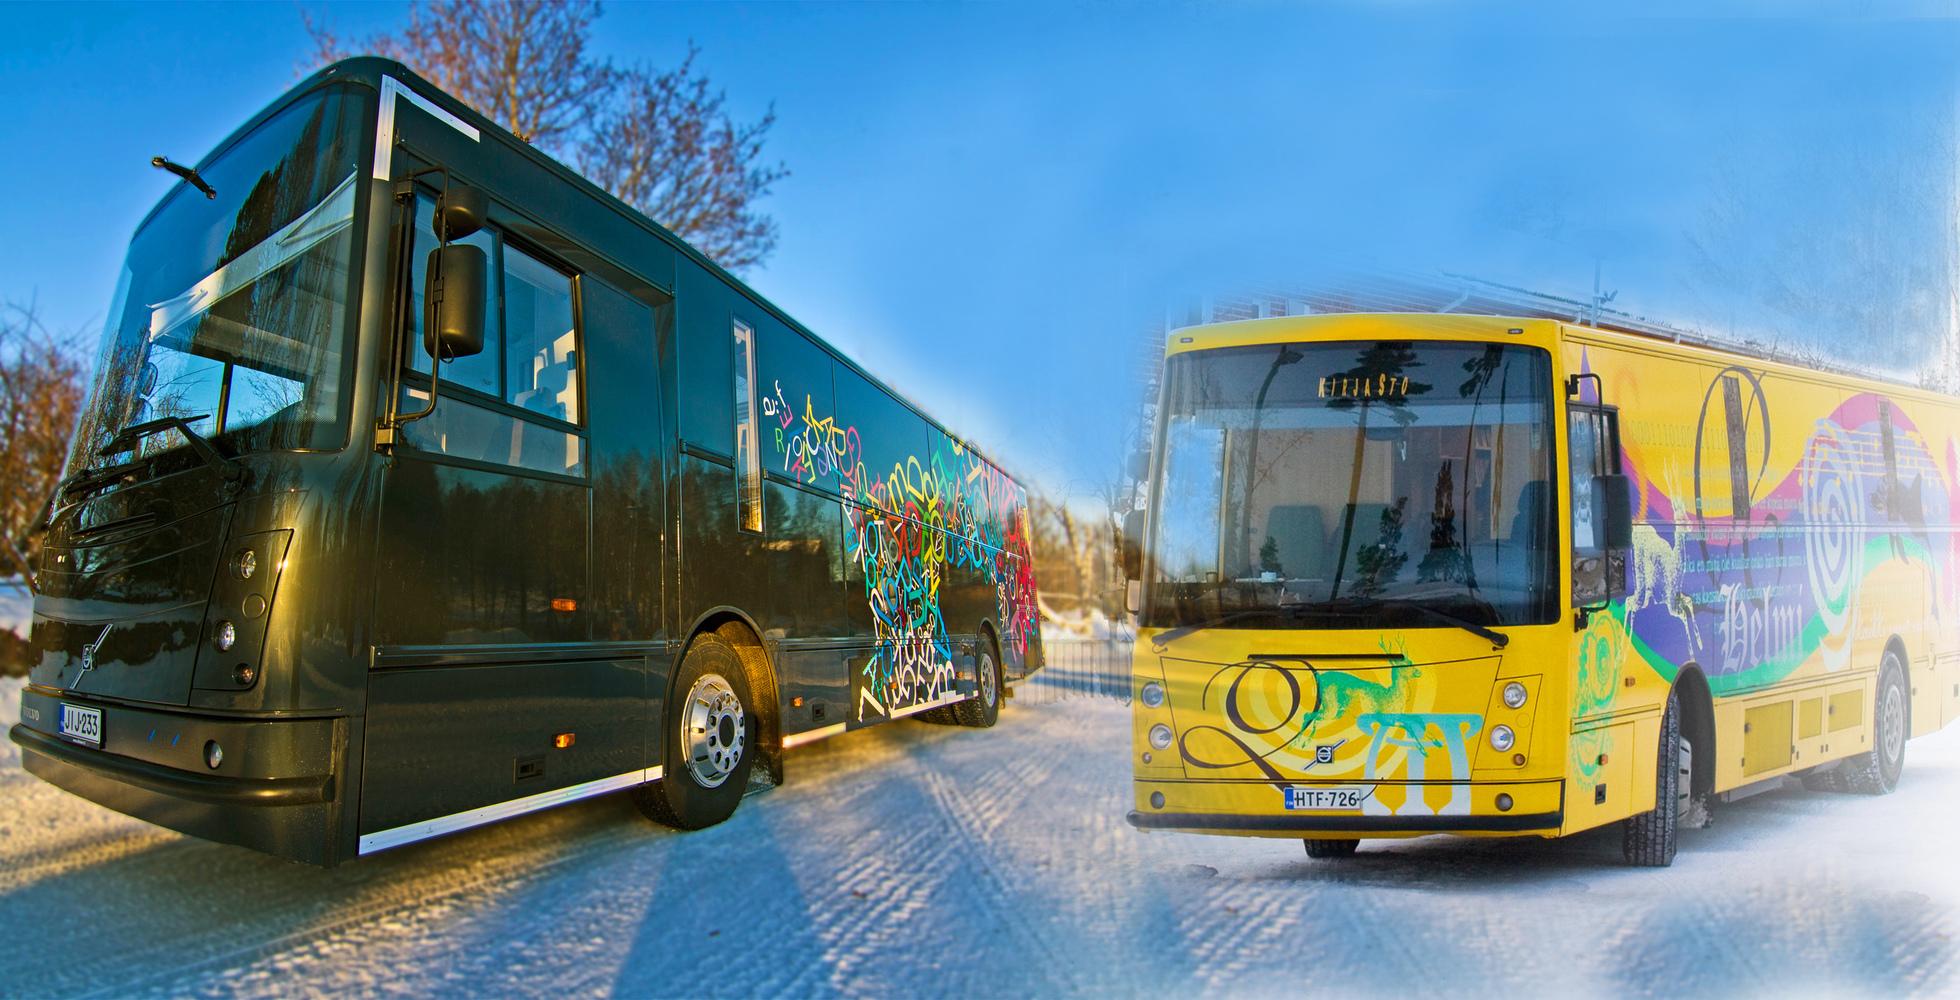 Espoon kirjastoautot Välkky ja Helmi